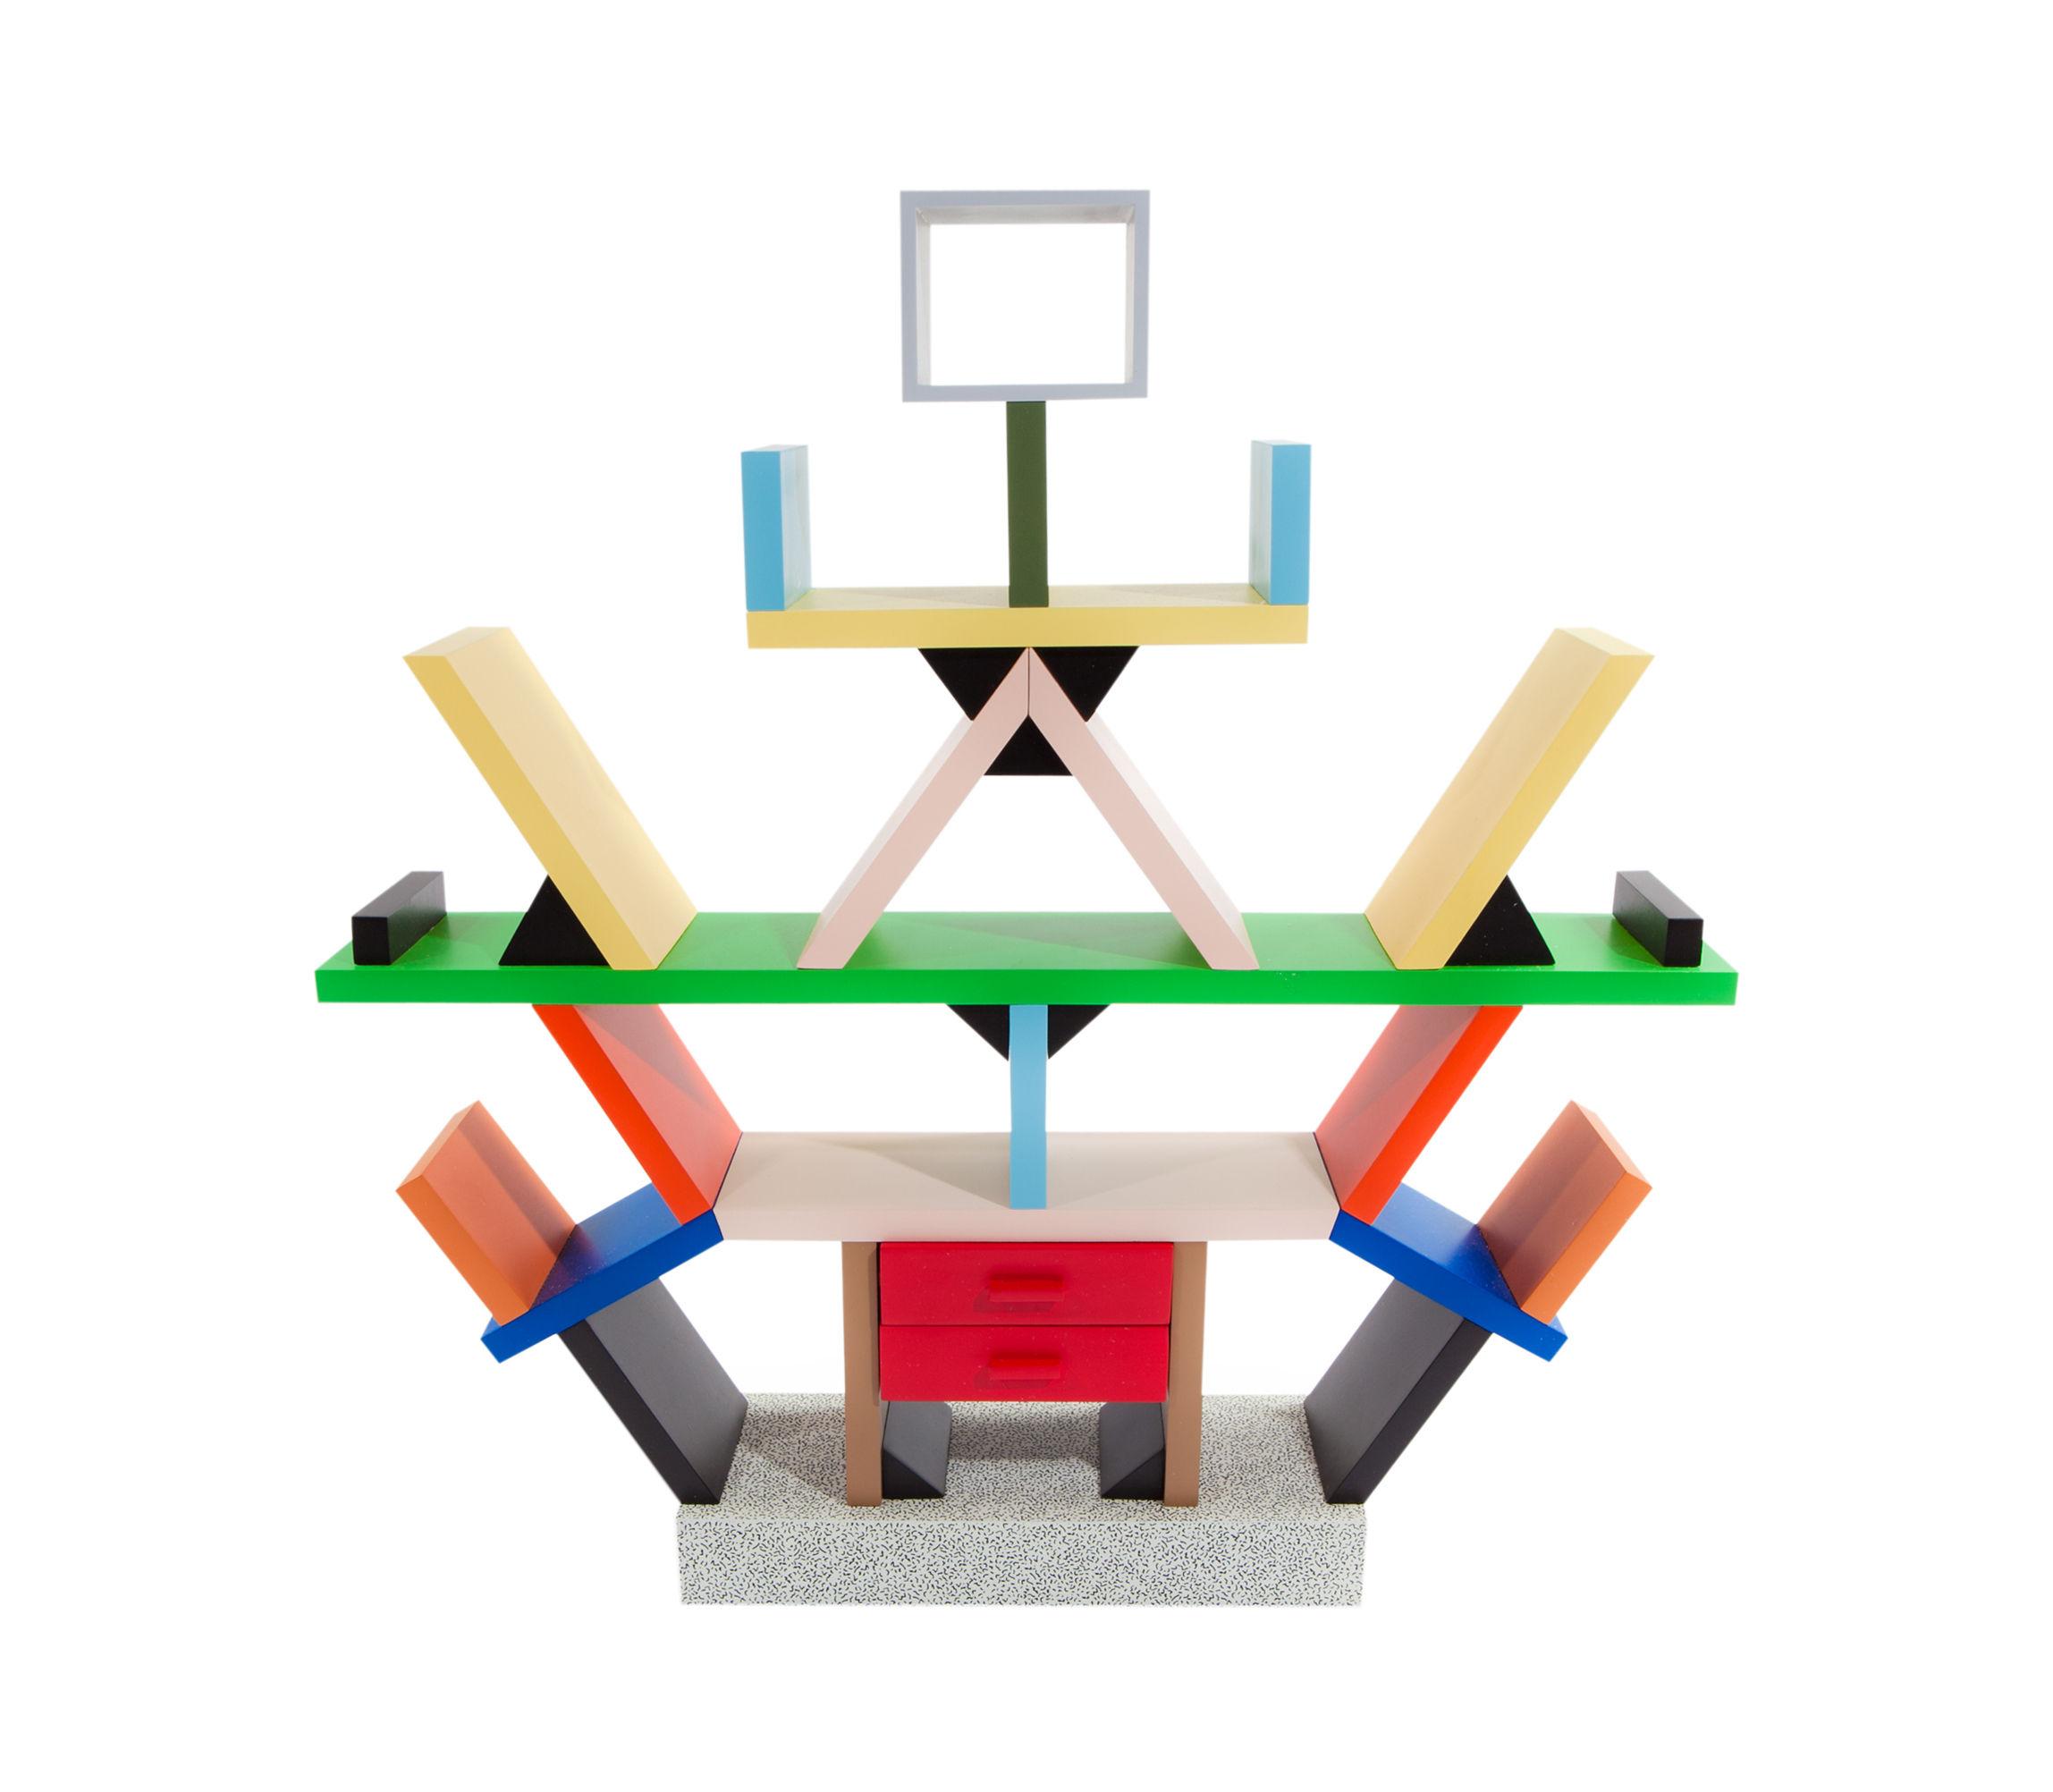 Interni - Oggetti déco - Miniatura Carlton - by Ettore Sottsass / 1981 - Echelle 1:4 di Memphis Milano - Multicolore - Laminato plastico, Legno